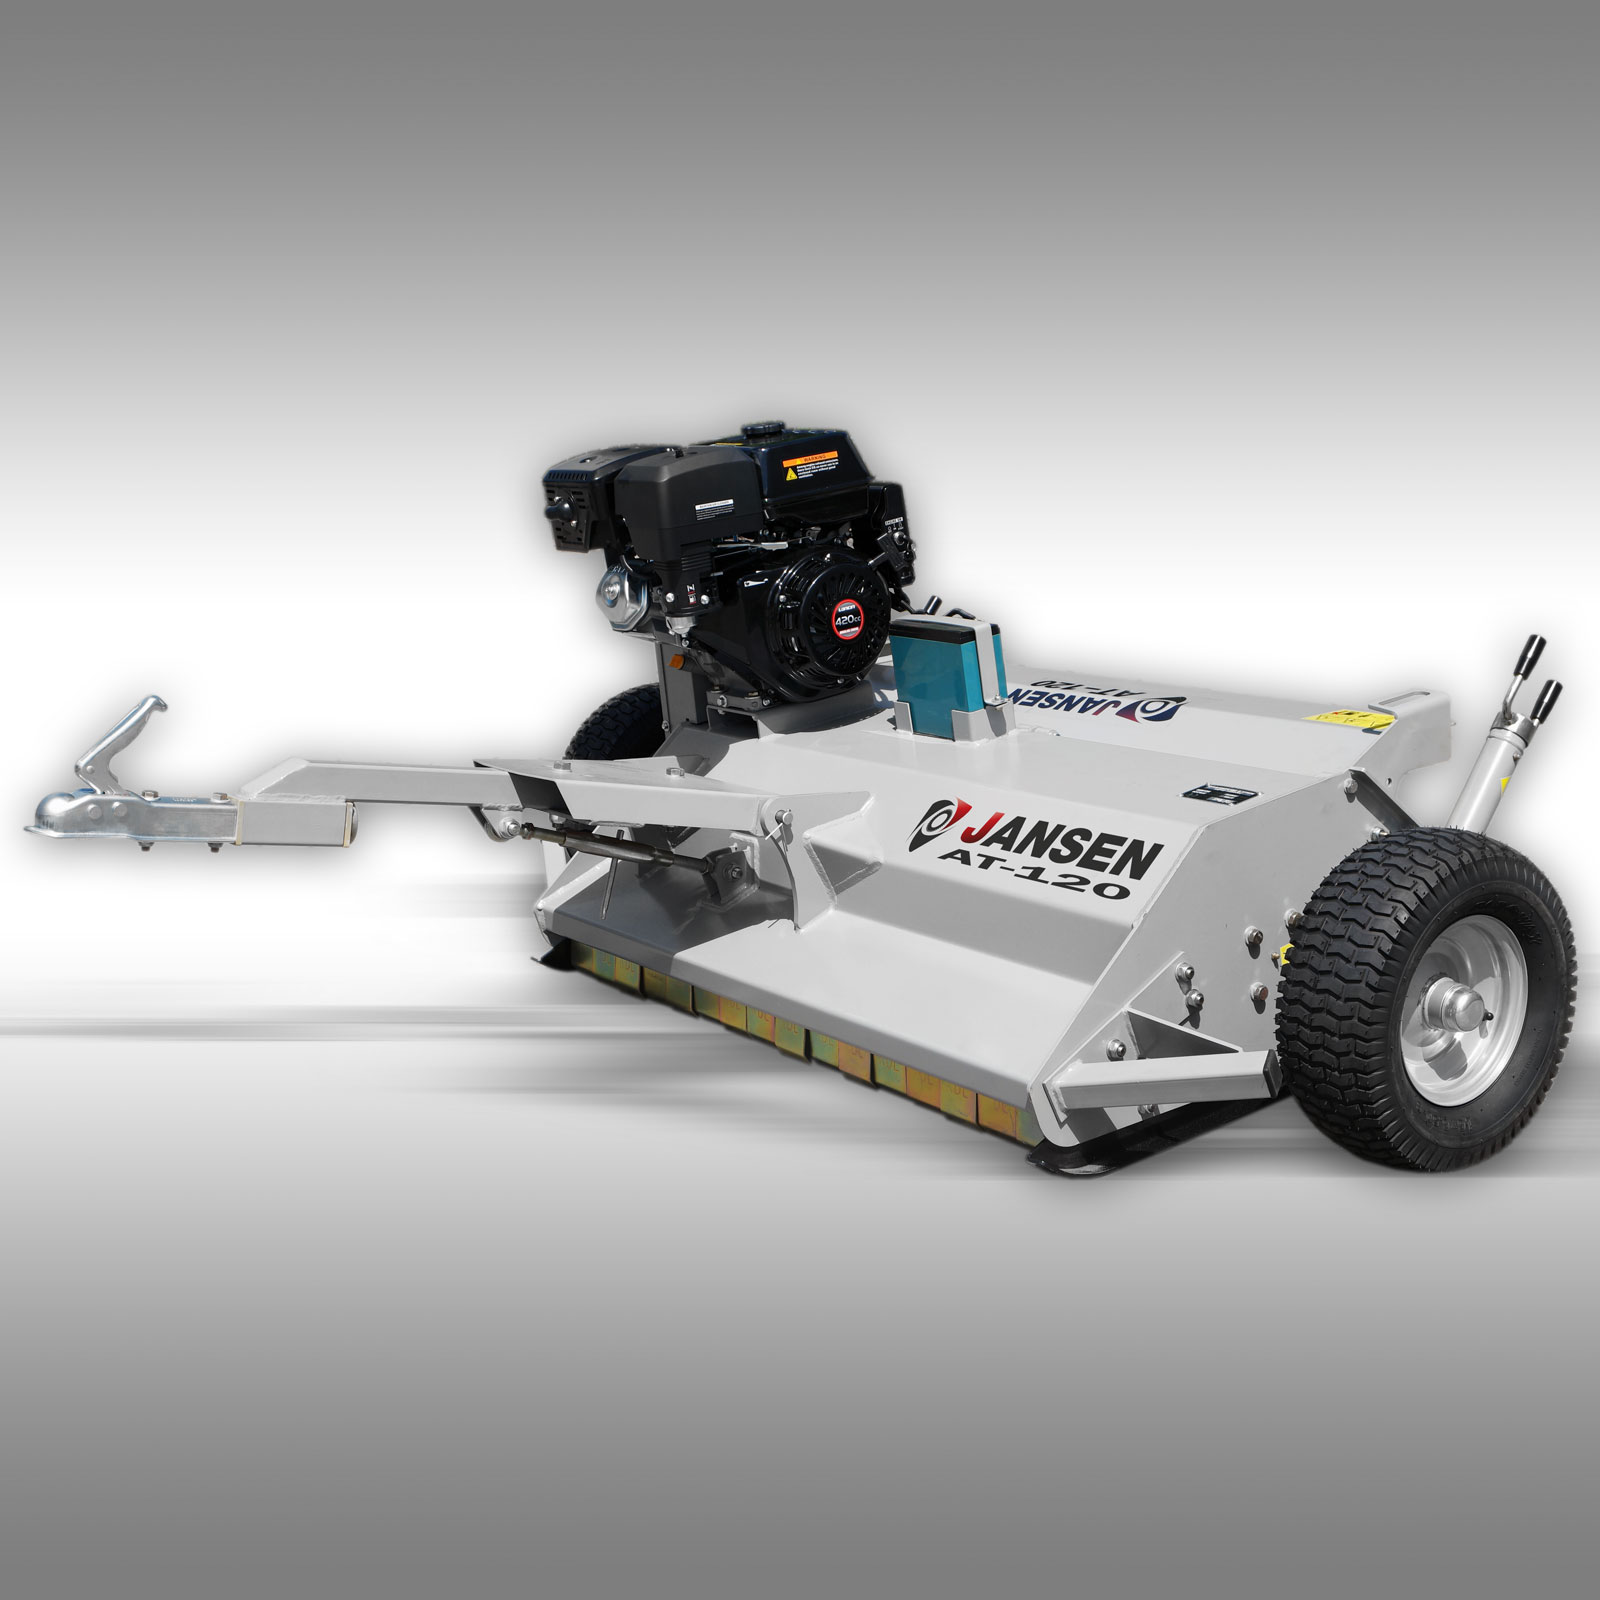 Jansen Klepelmaaier AT-120, 15 PK motor, 115cm, quad, ATV, UTV, tractor,